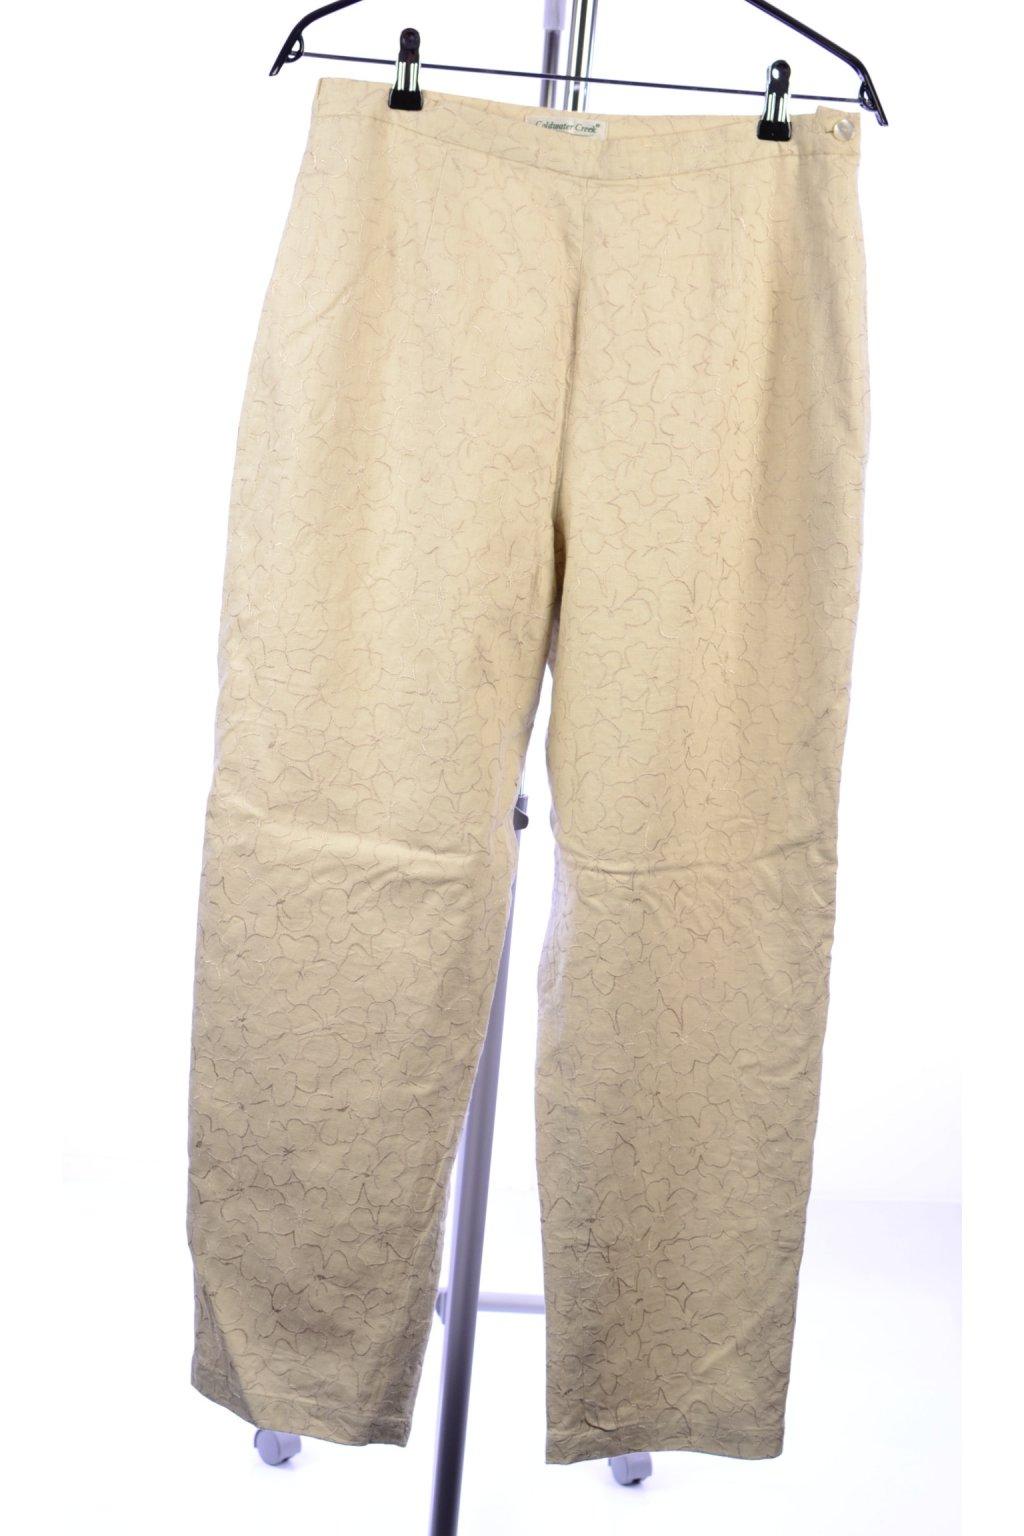 Kalhoty s podšívkou Coldwater Creek vel 42/M béžové